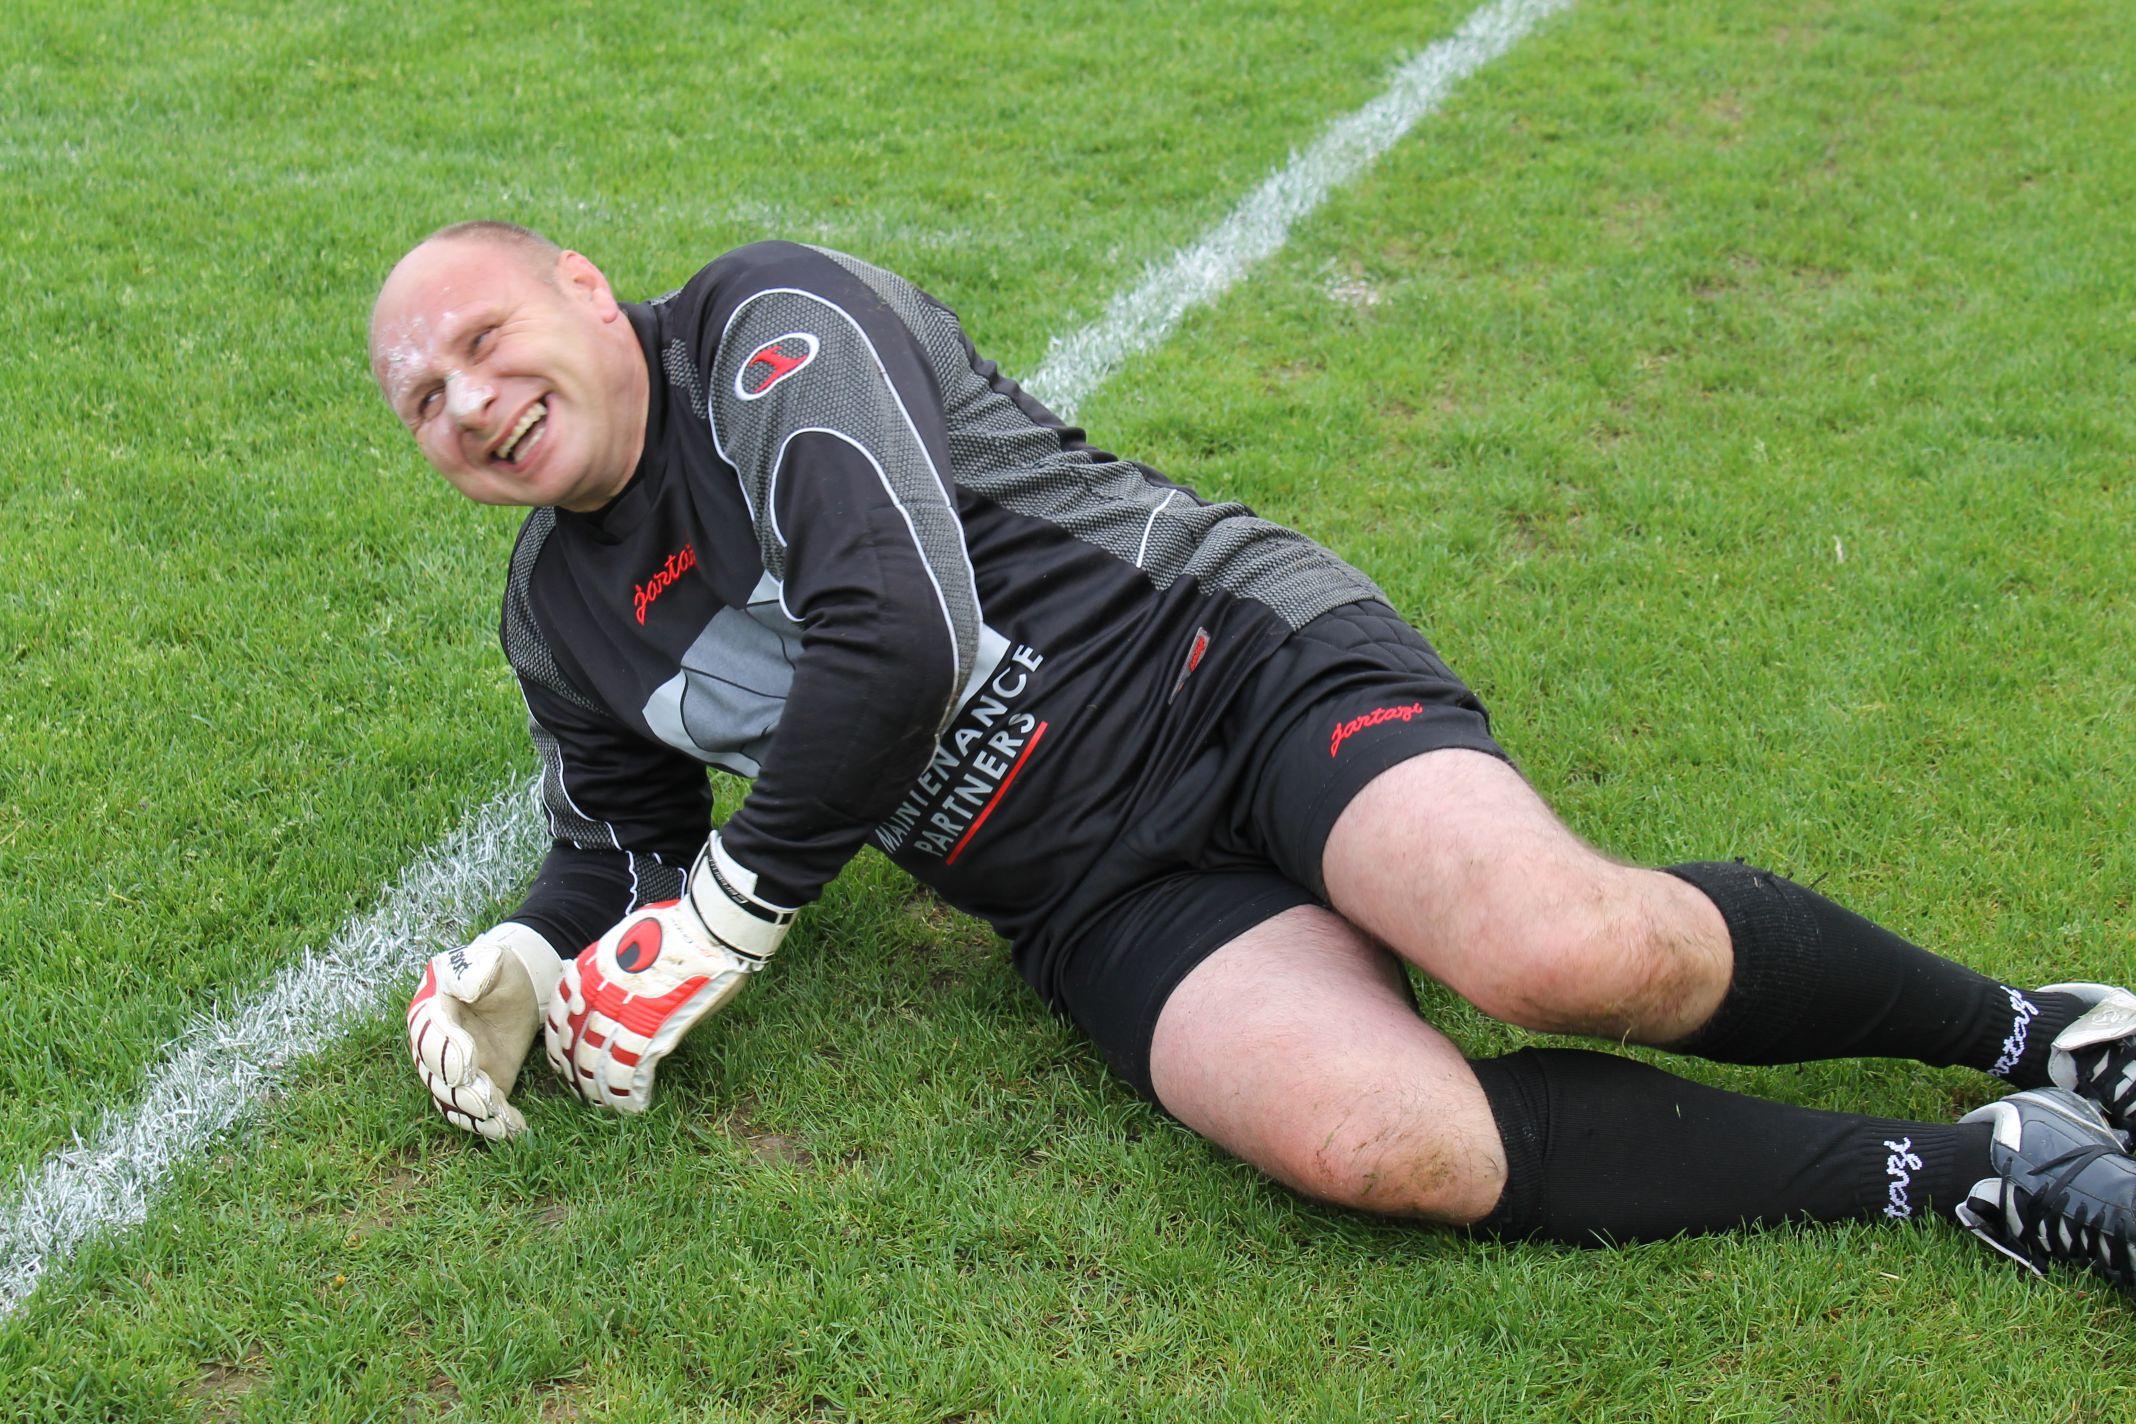 voetbal-2012-009